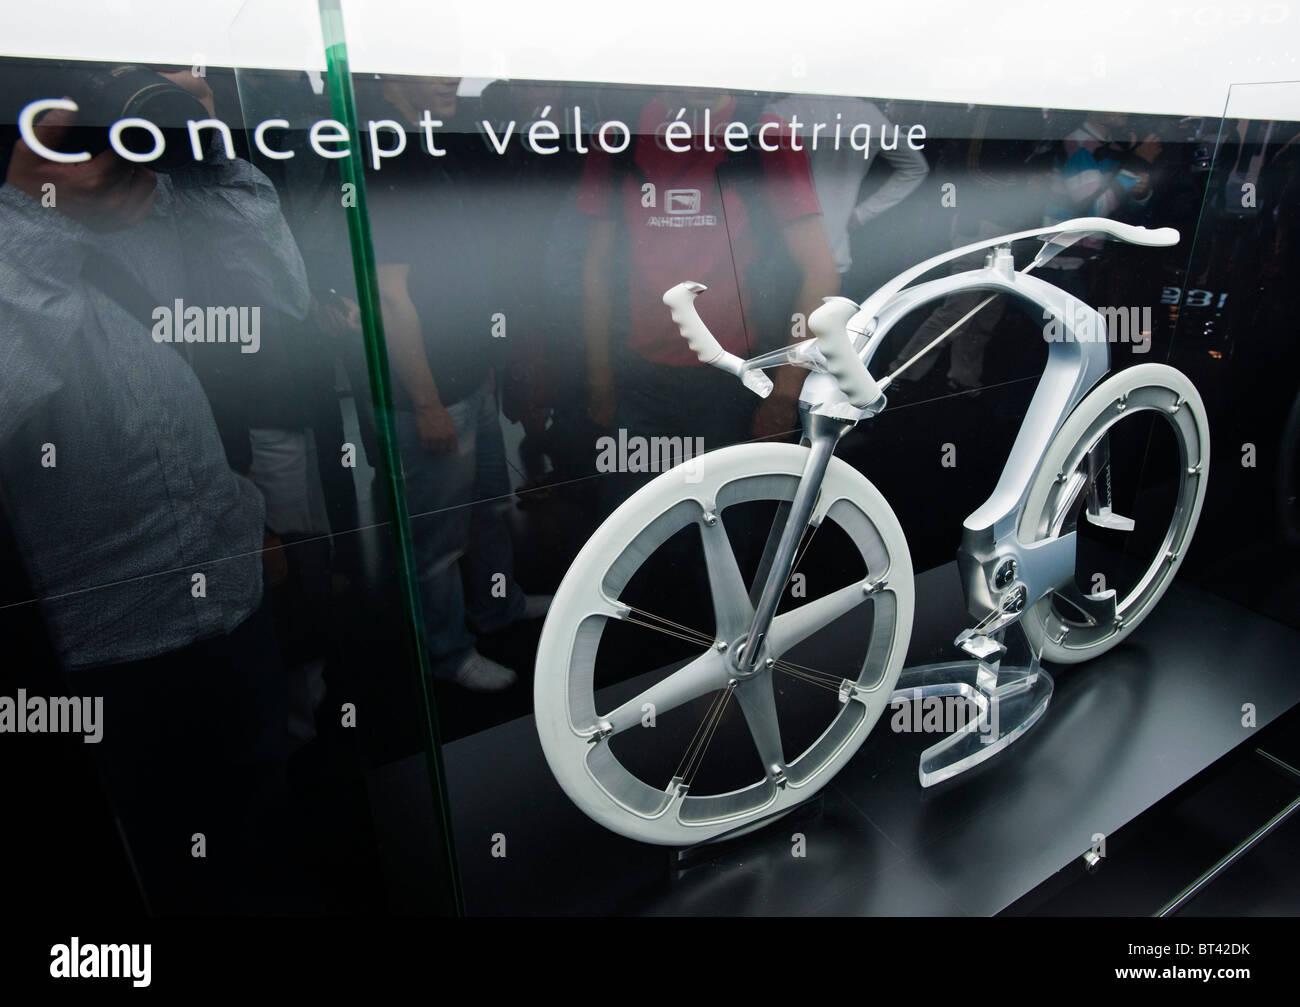 Concept pour vélo électrique par Peugeot à Paris Motor Show 2010 Photo Stock